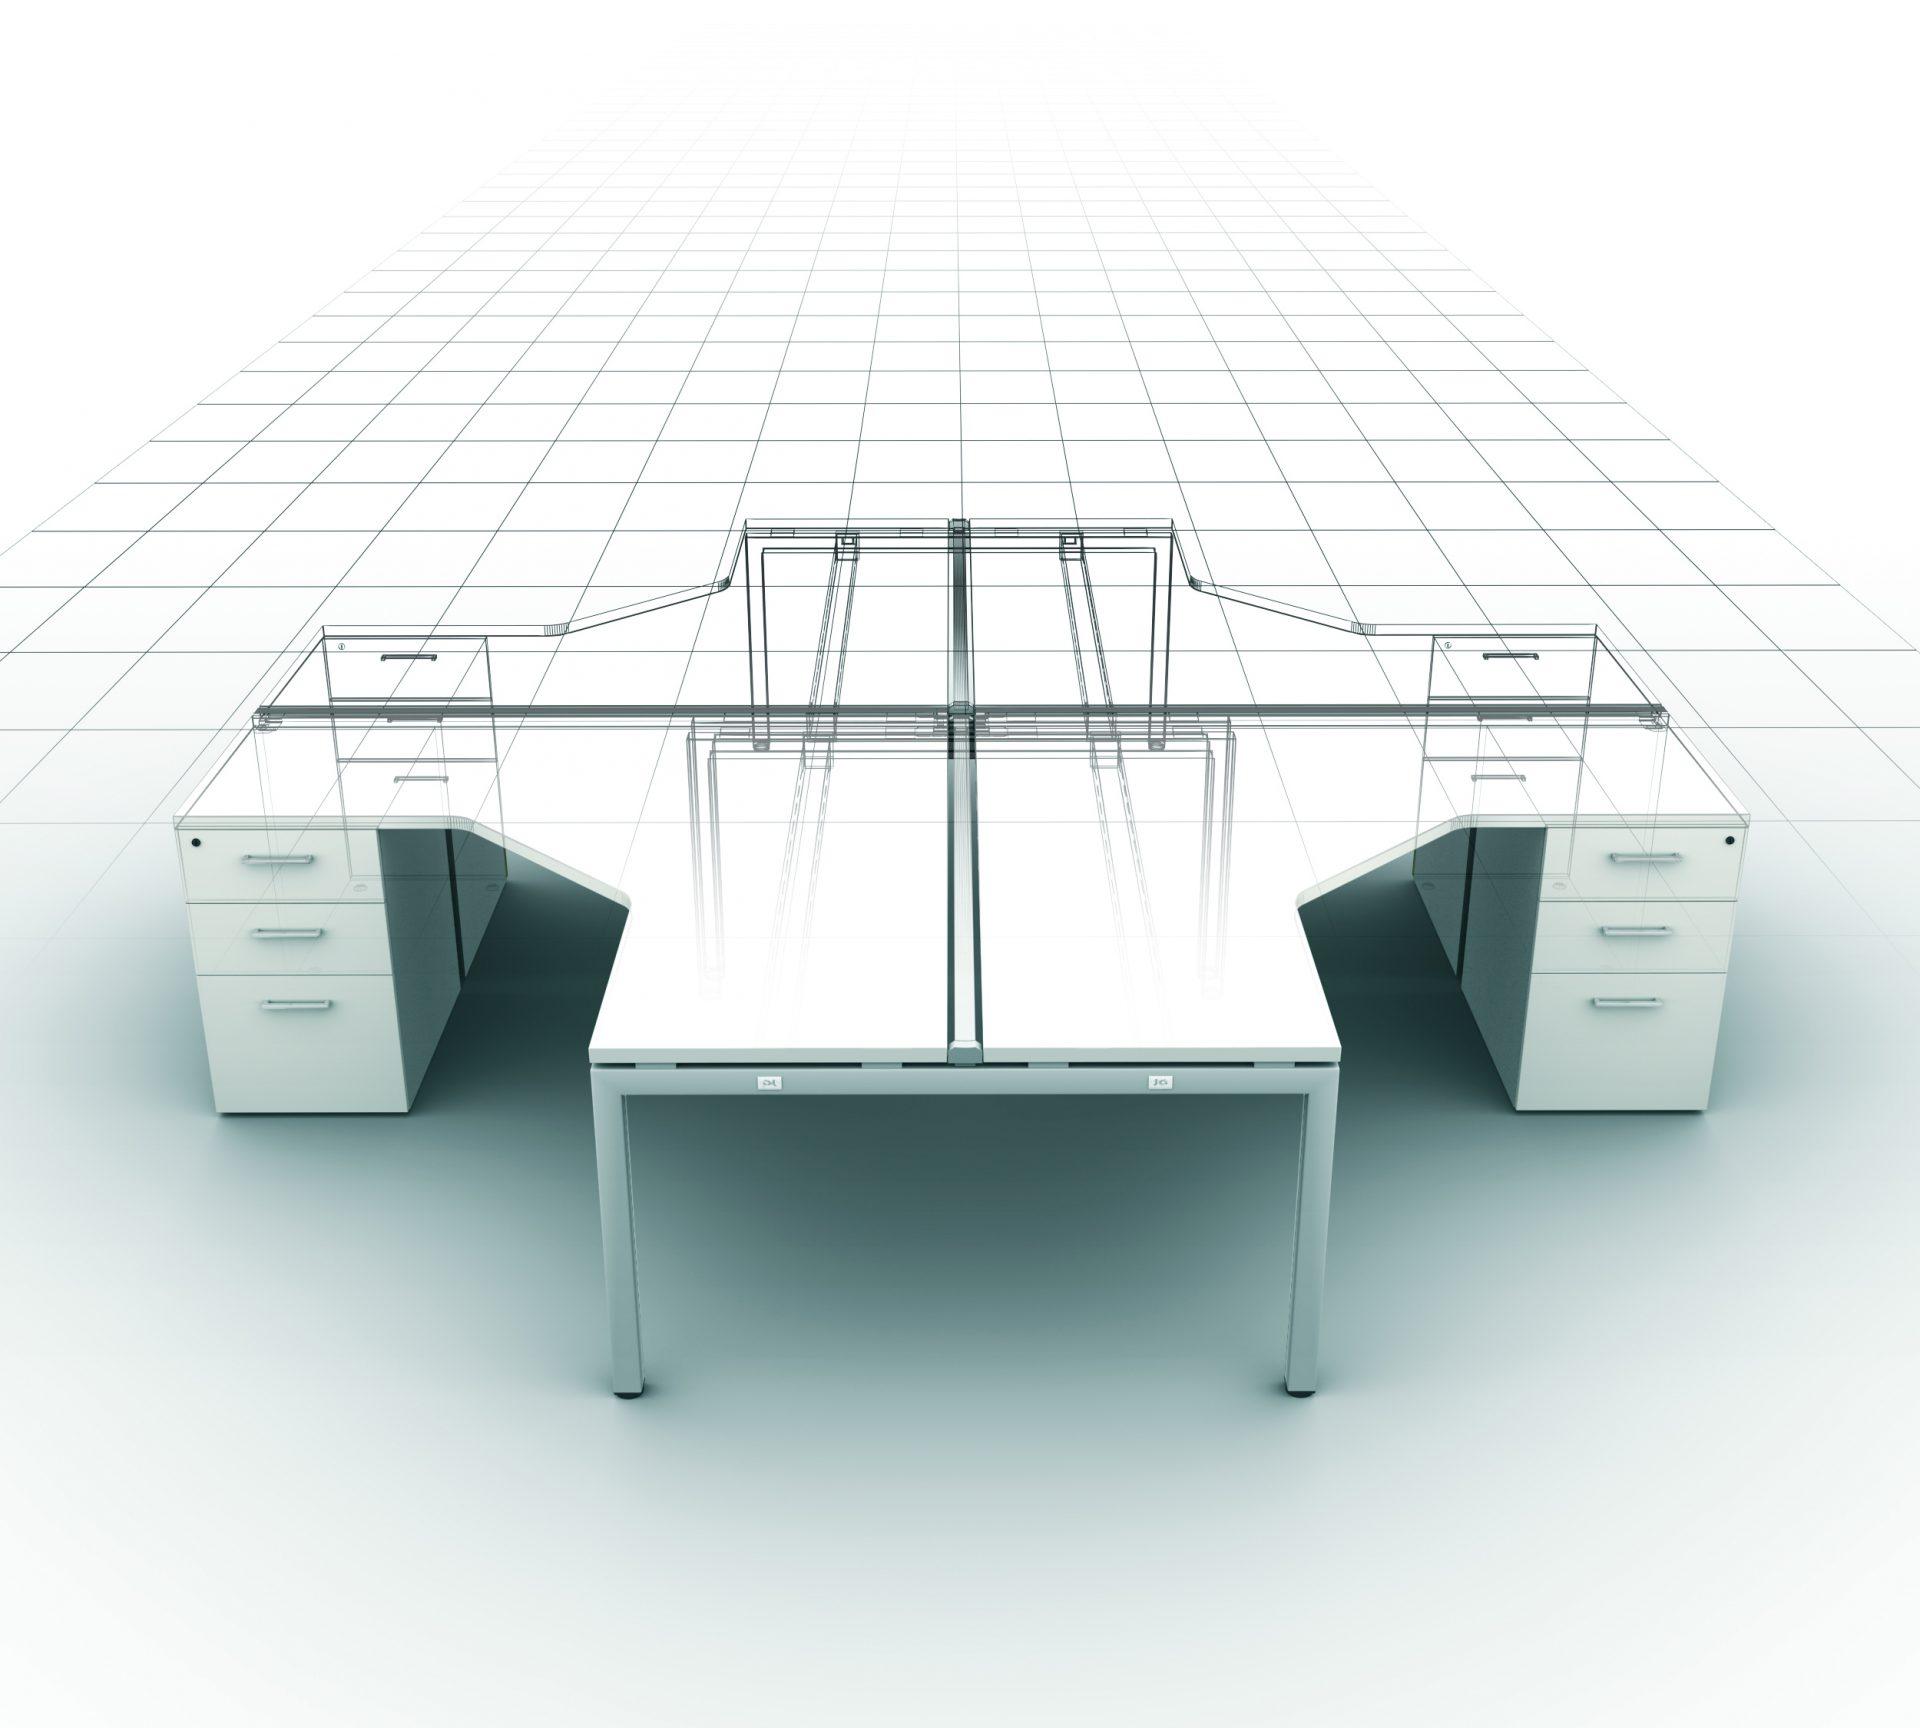 bureau à angle 90° adapta - 2m mobilier bureau